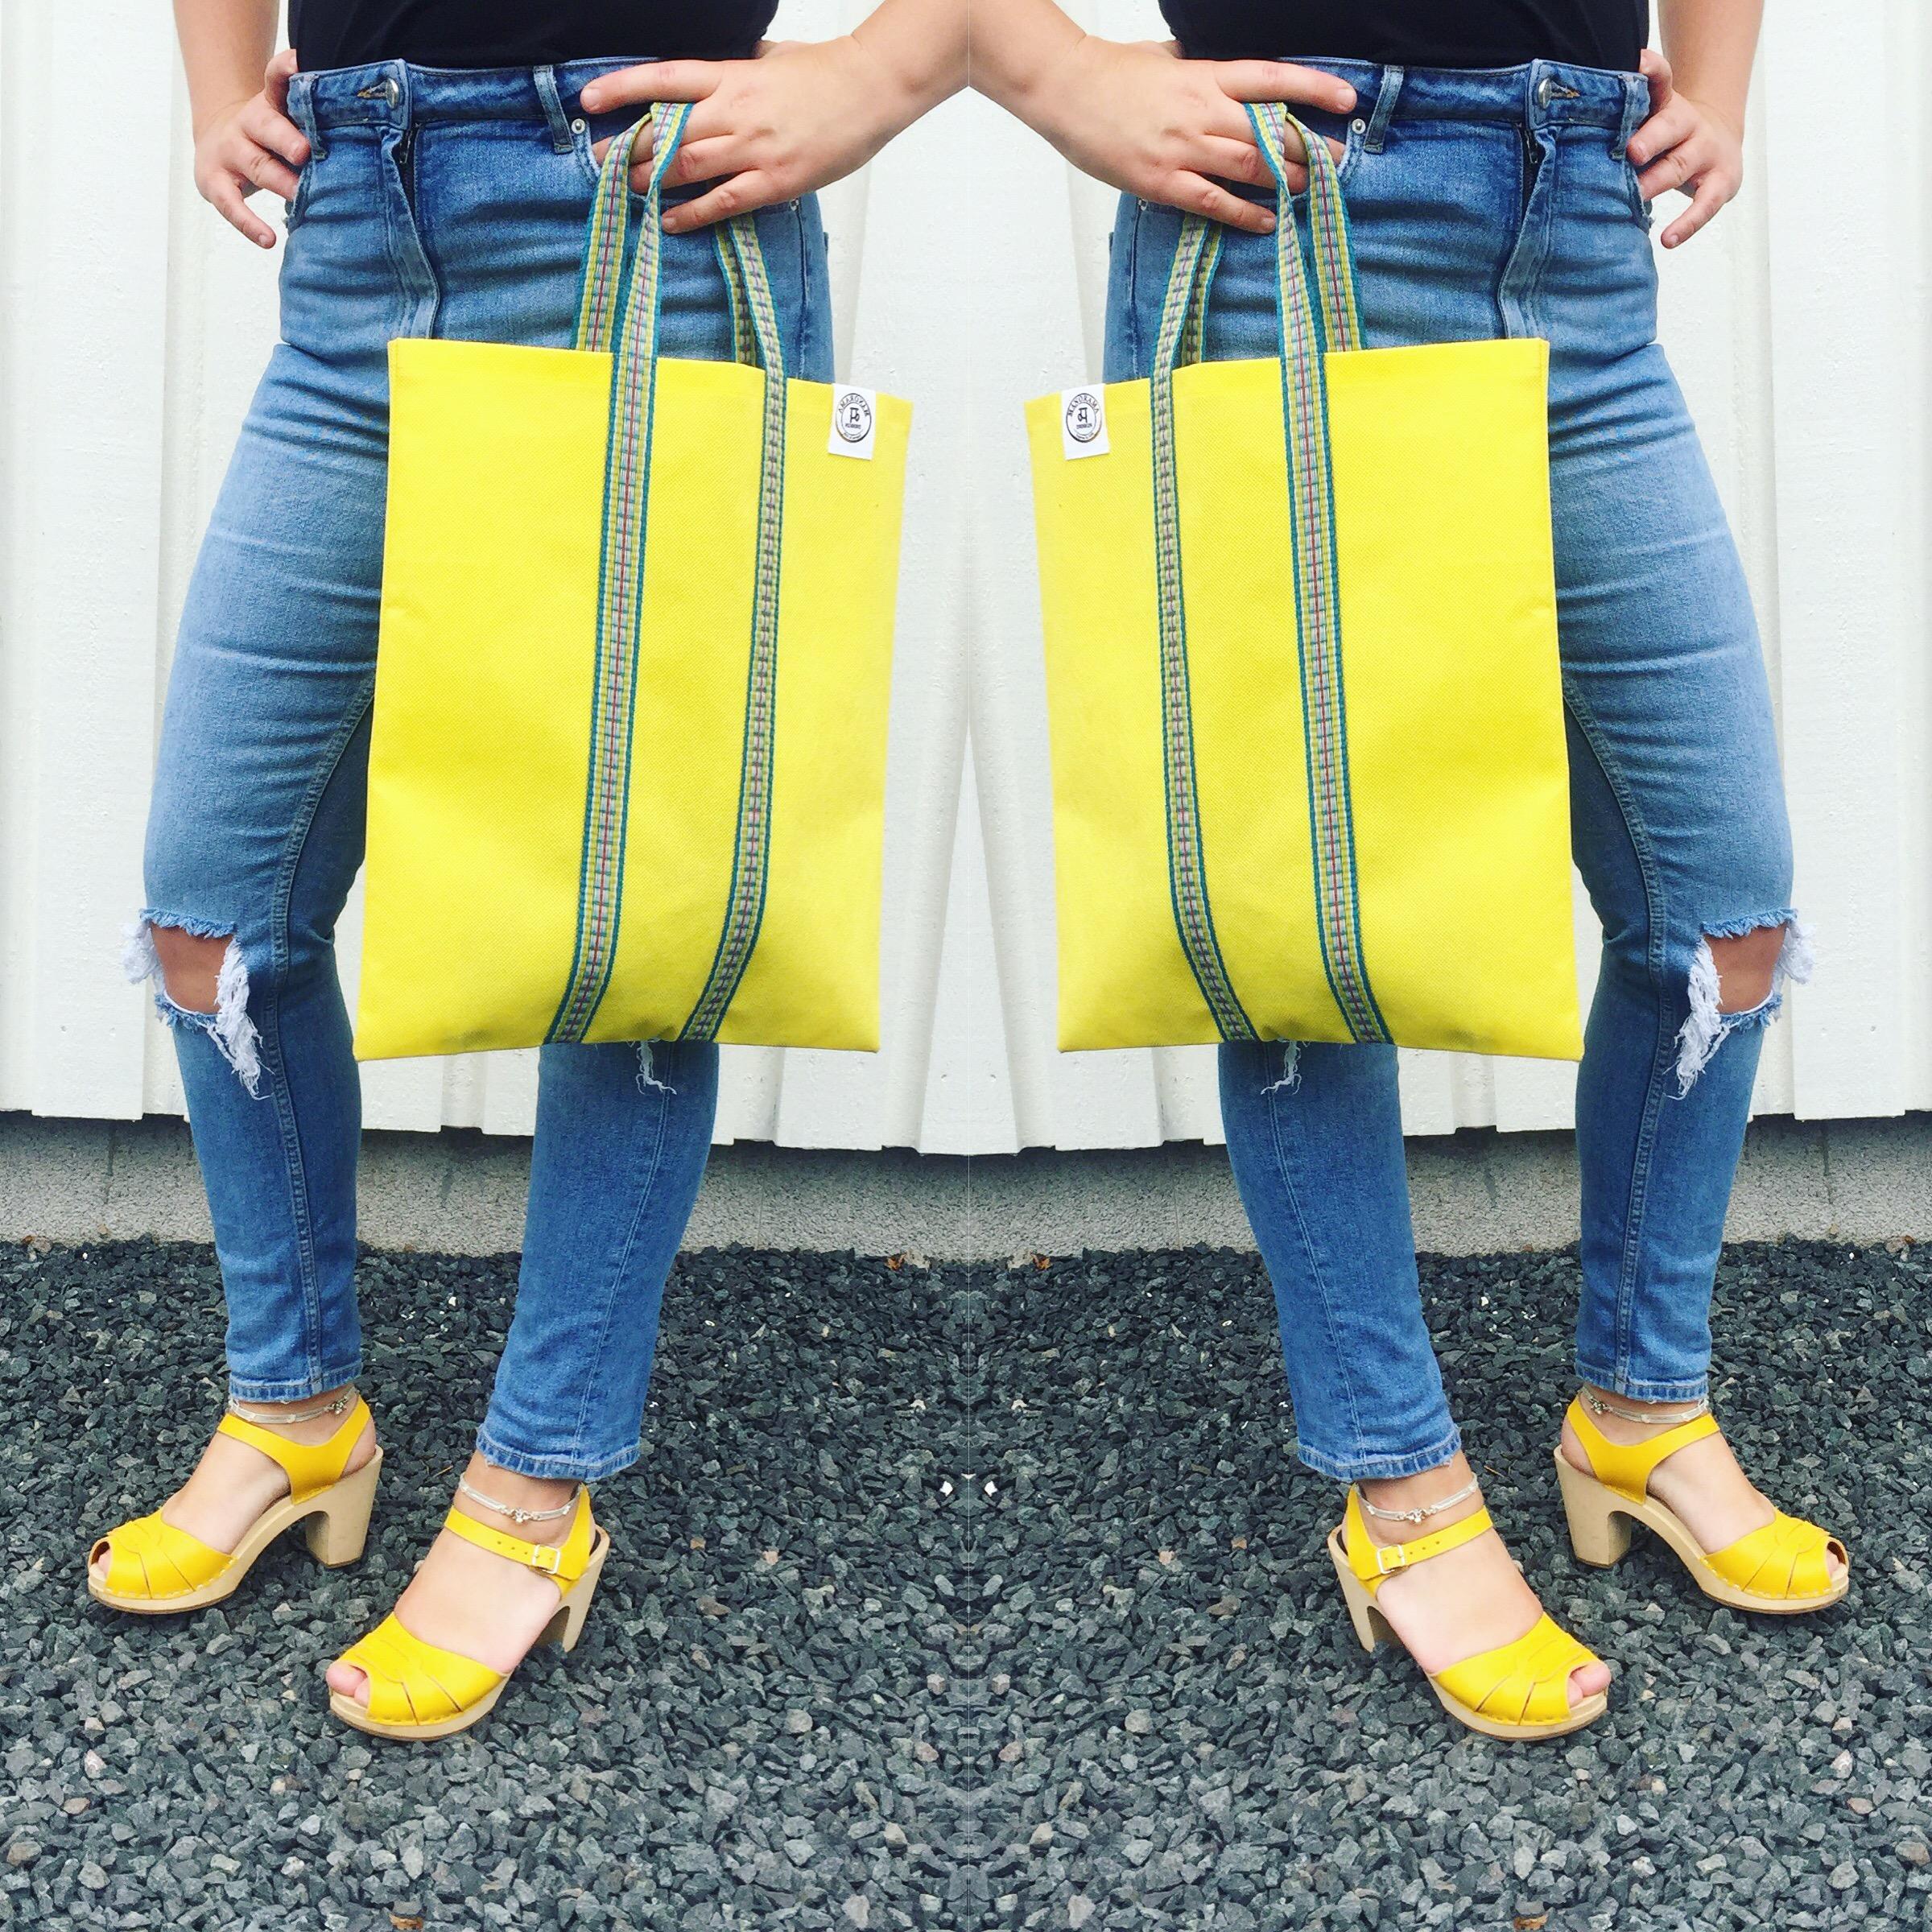 Färgstark outfit - indisk totebag , väska, påse - gul